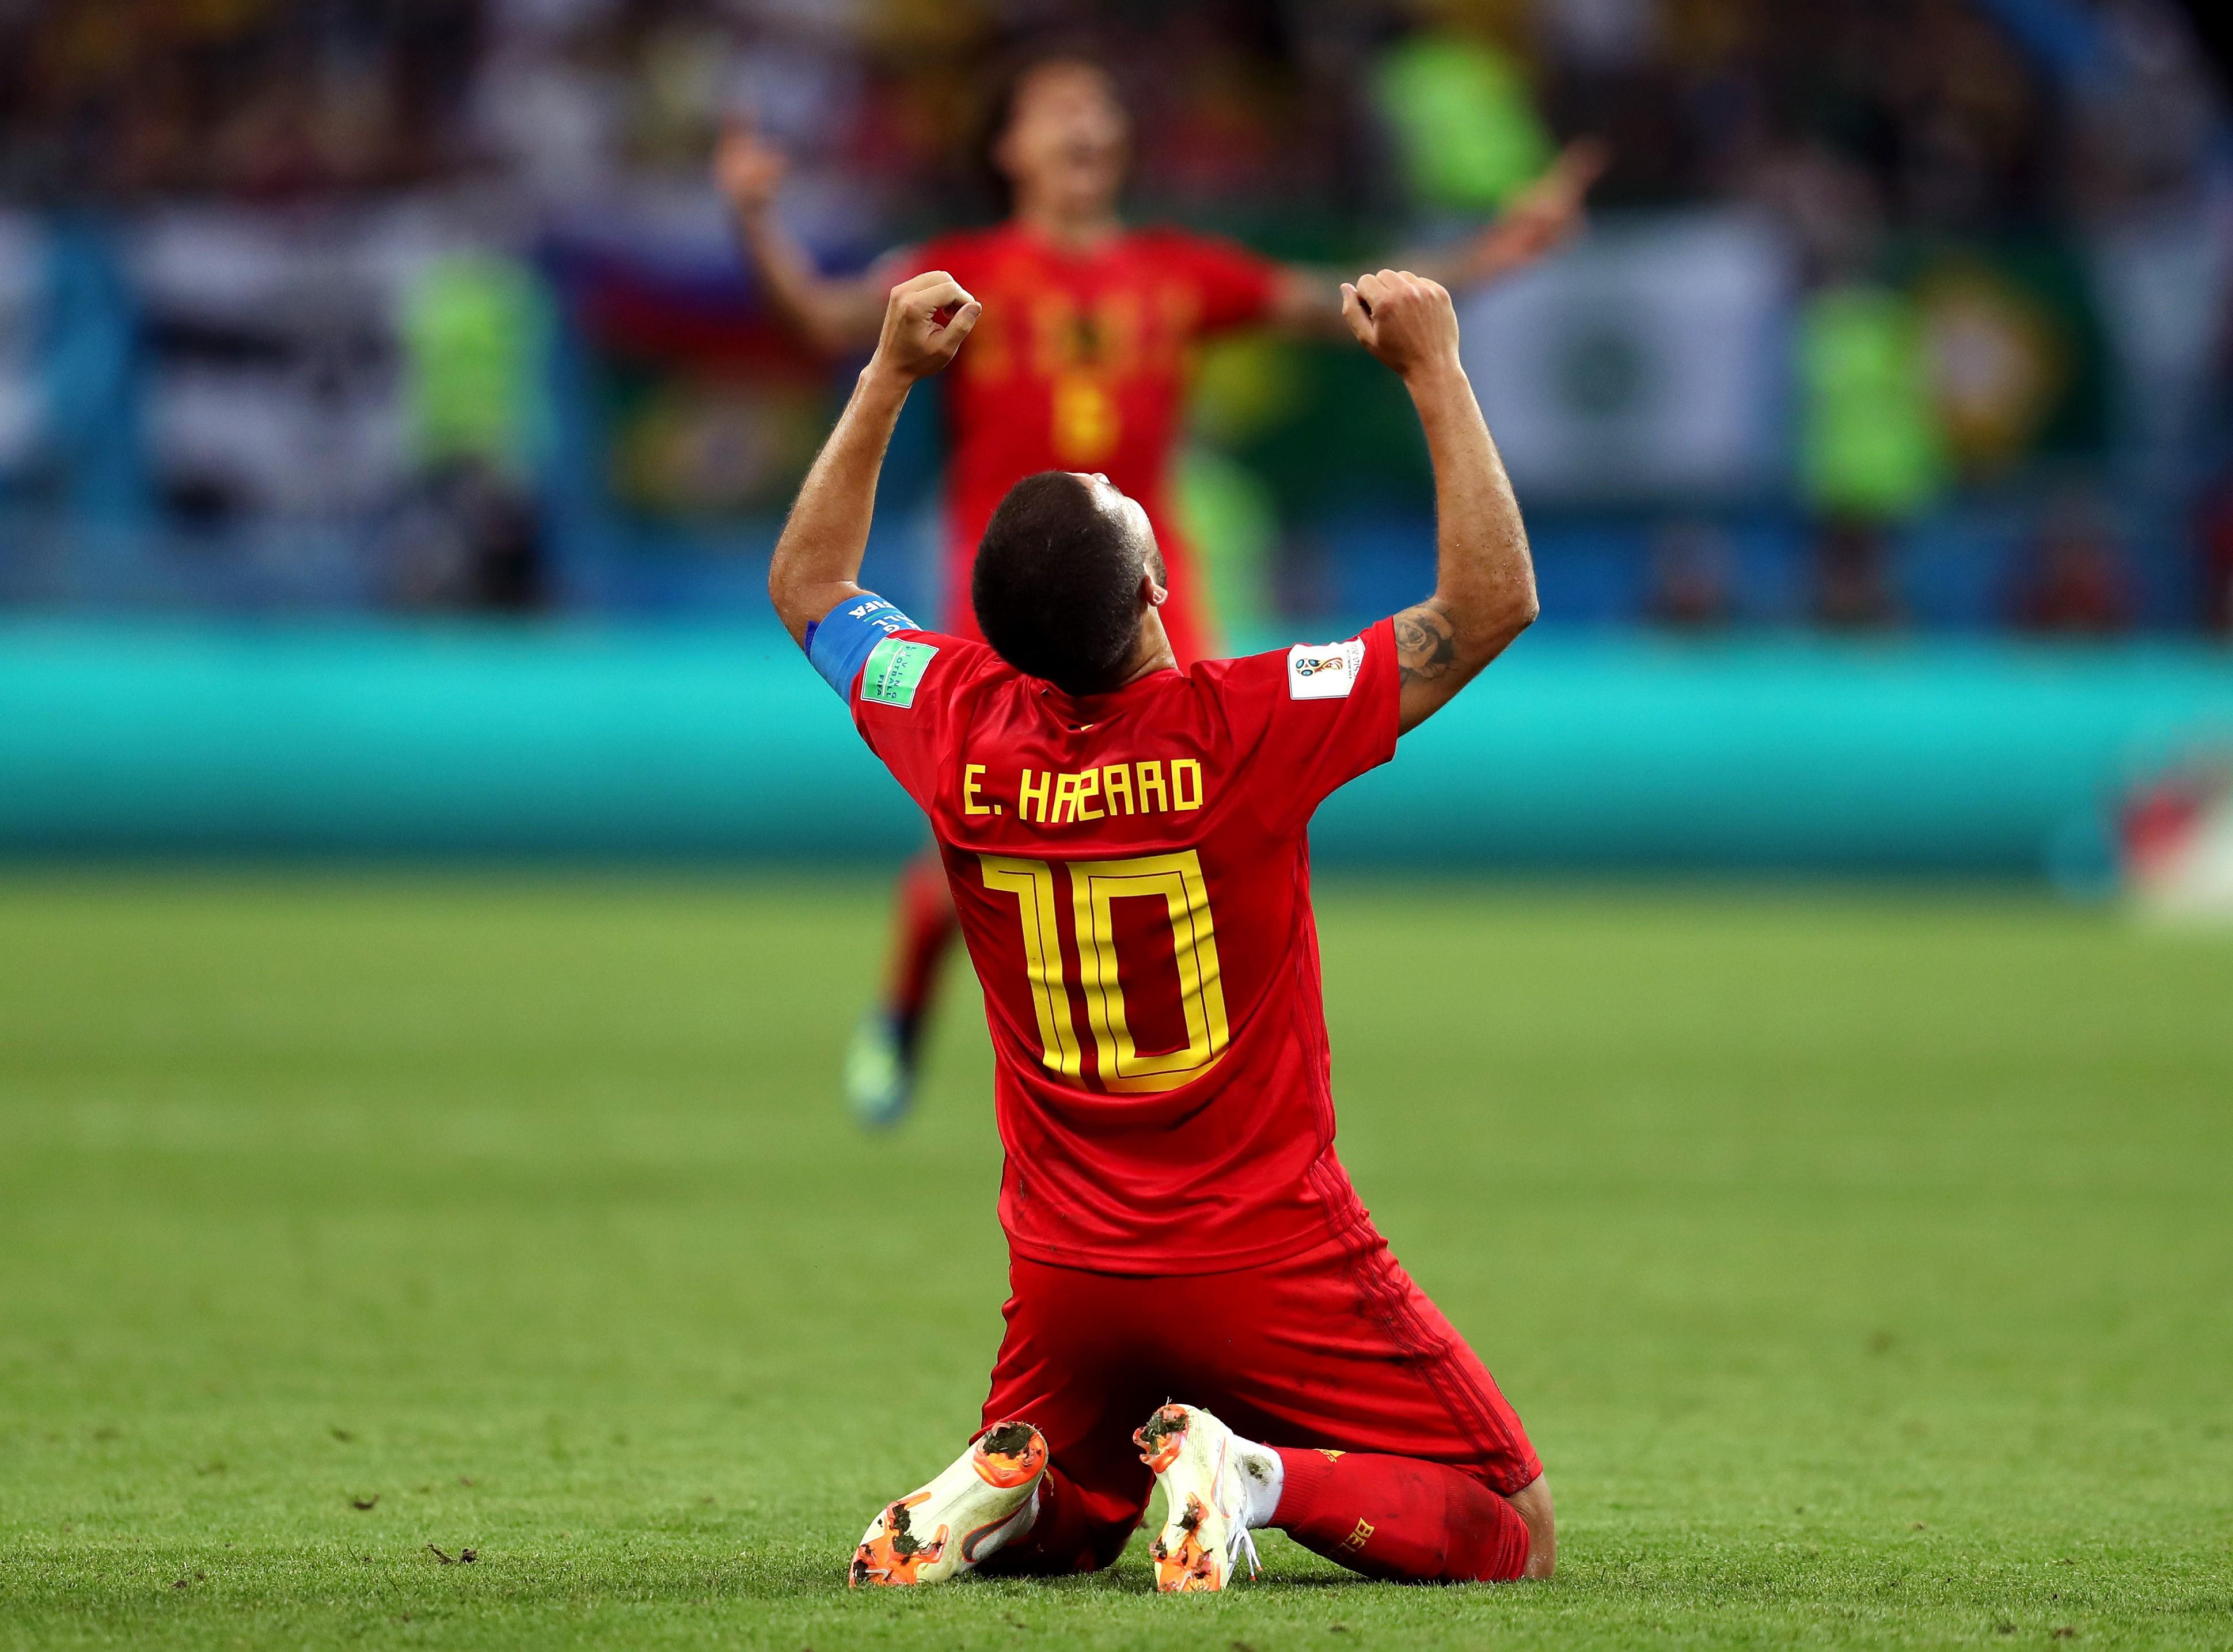 O craque e capitão belga Eden Hazard celebrando a vitória contra o Brasil na Copa do Mundo da Rússia (Foto: Getty Images)